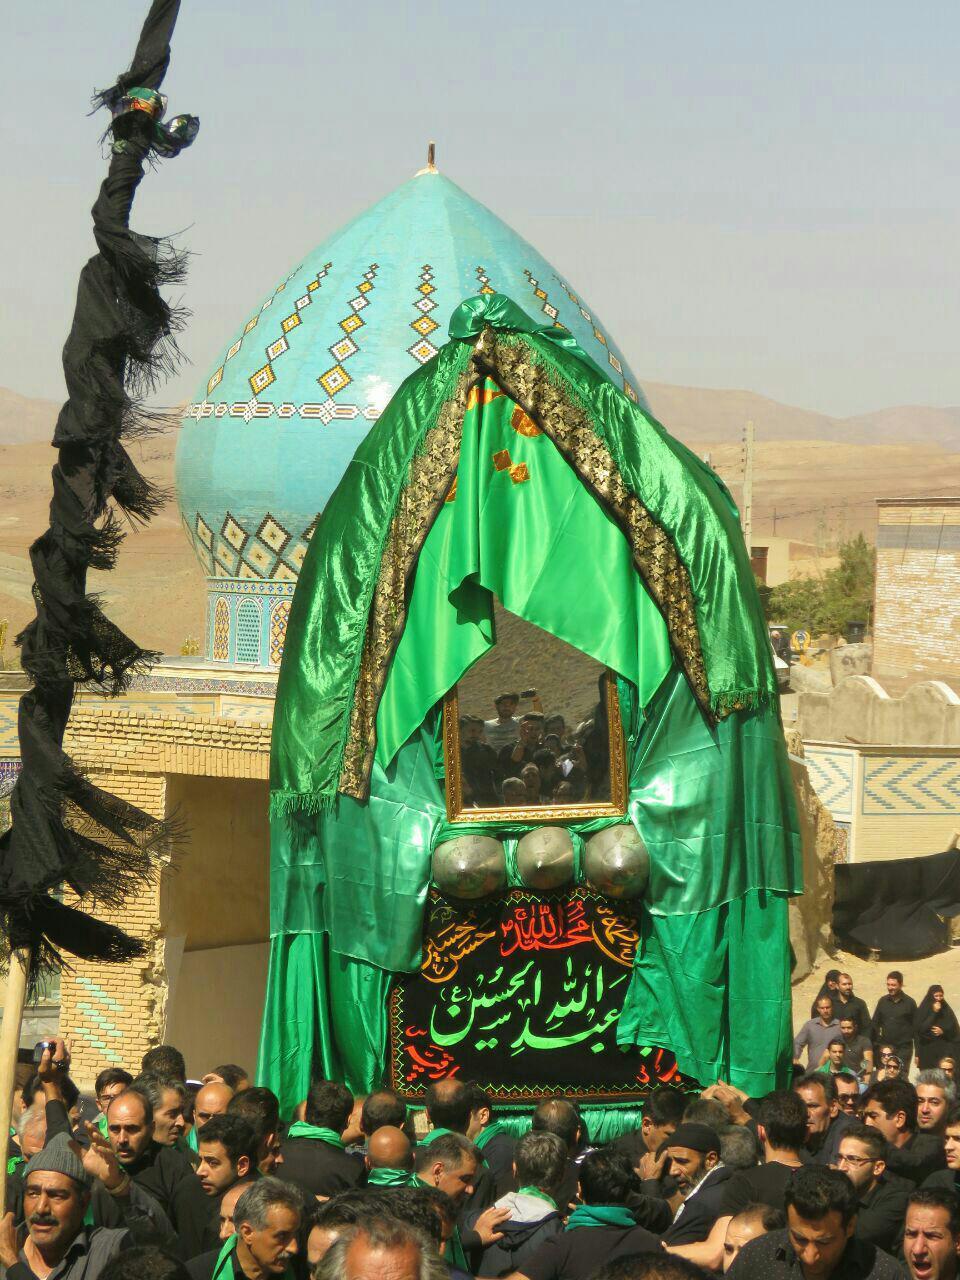 نخل، نماد تشییع حضرت ابوالفضل در روستای سُه / عزاداری دهه اول محرم روستای سُه ،اثری ناملموس